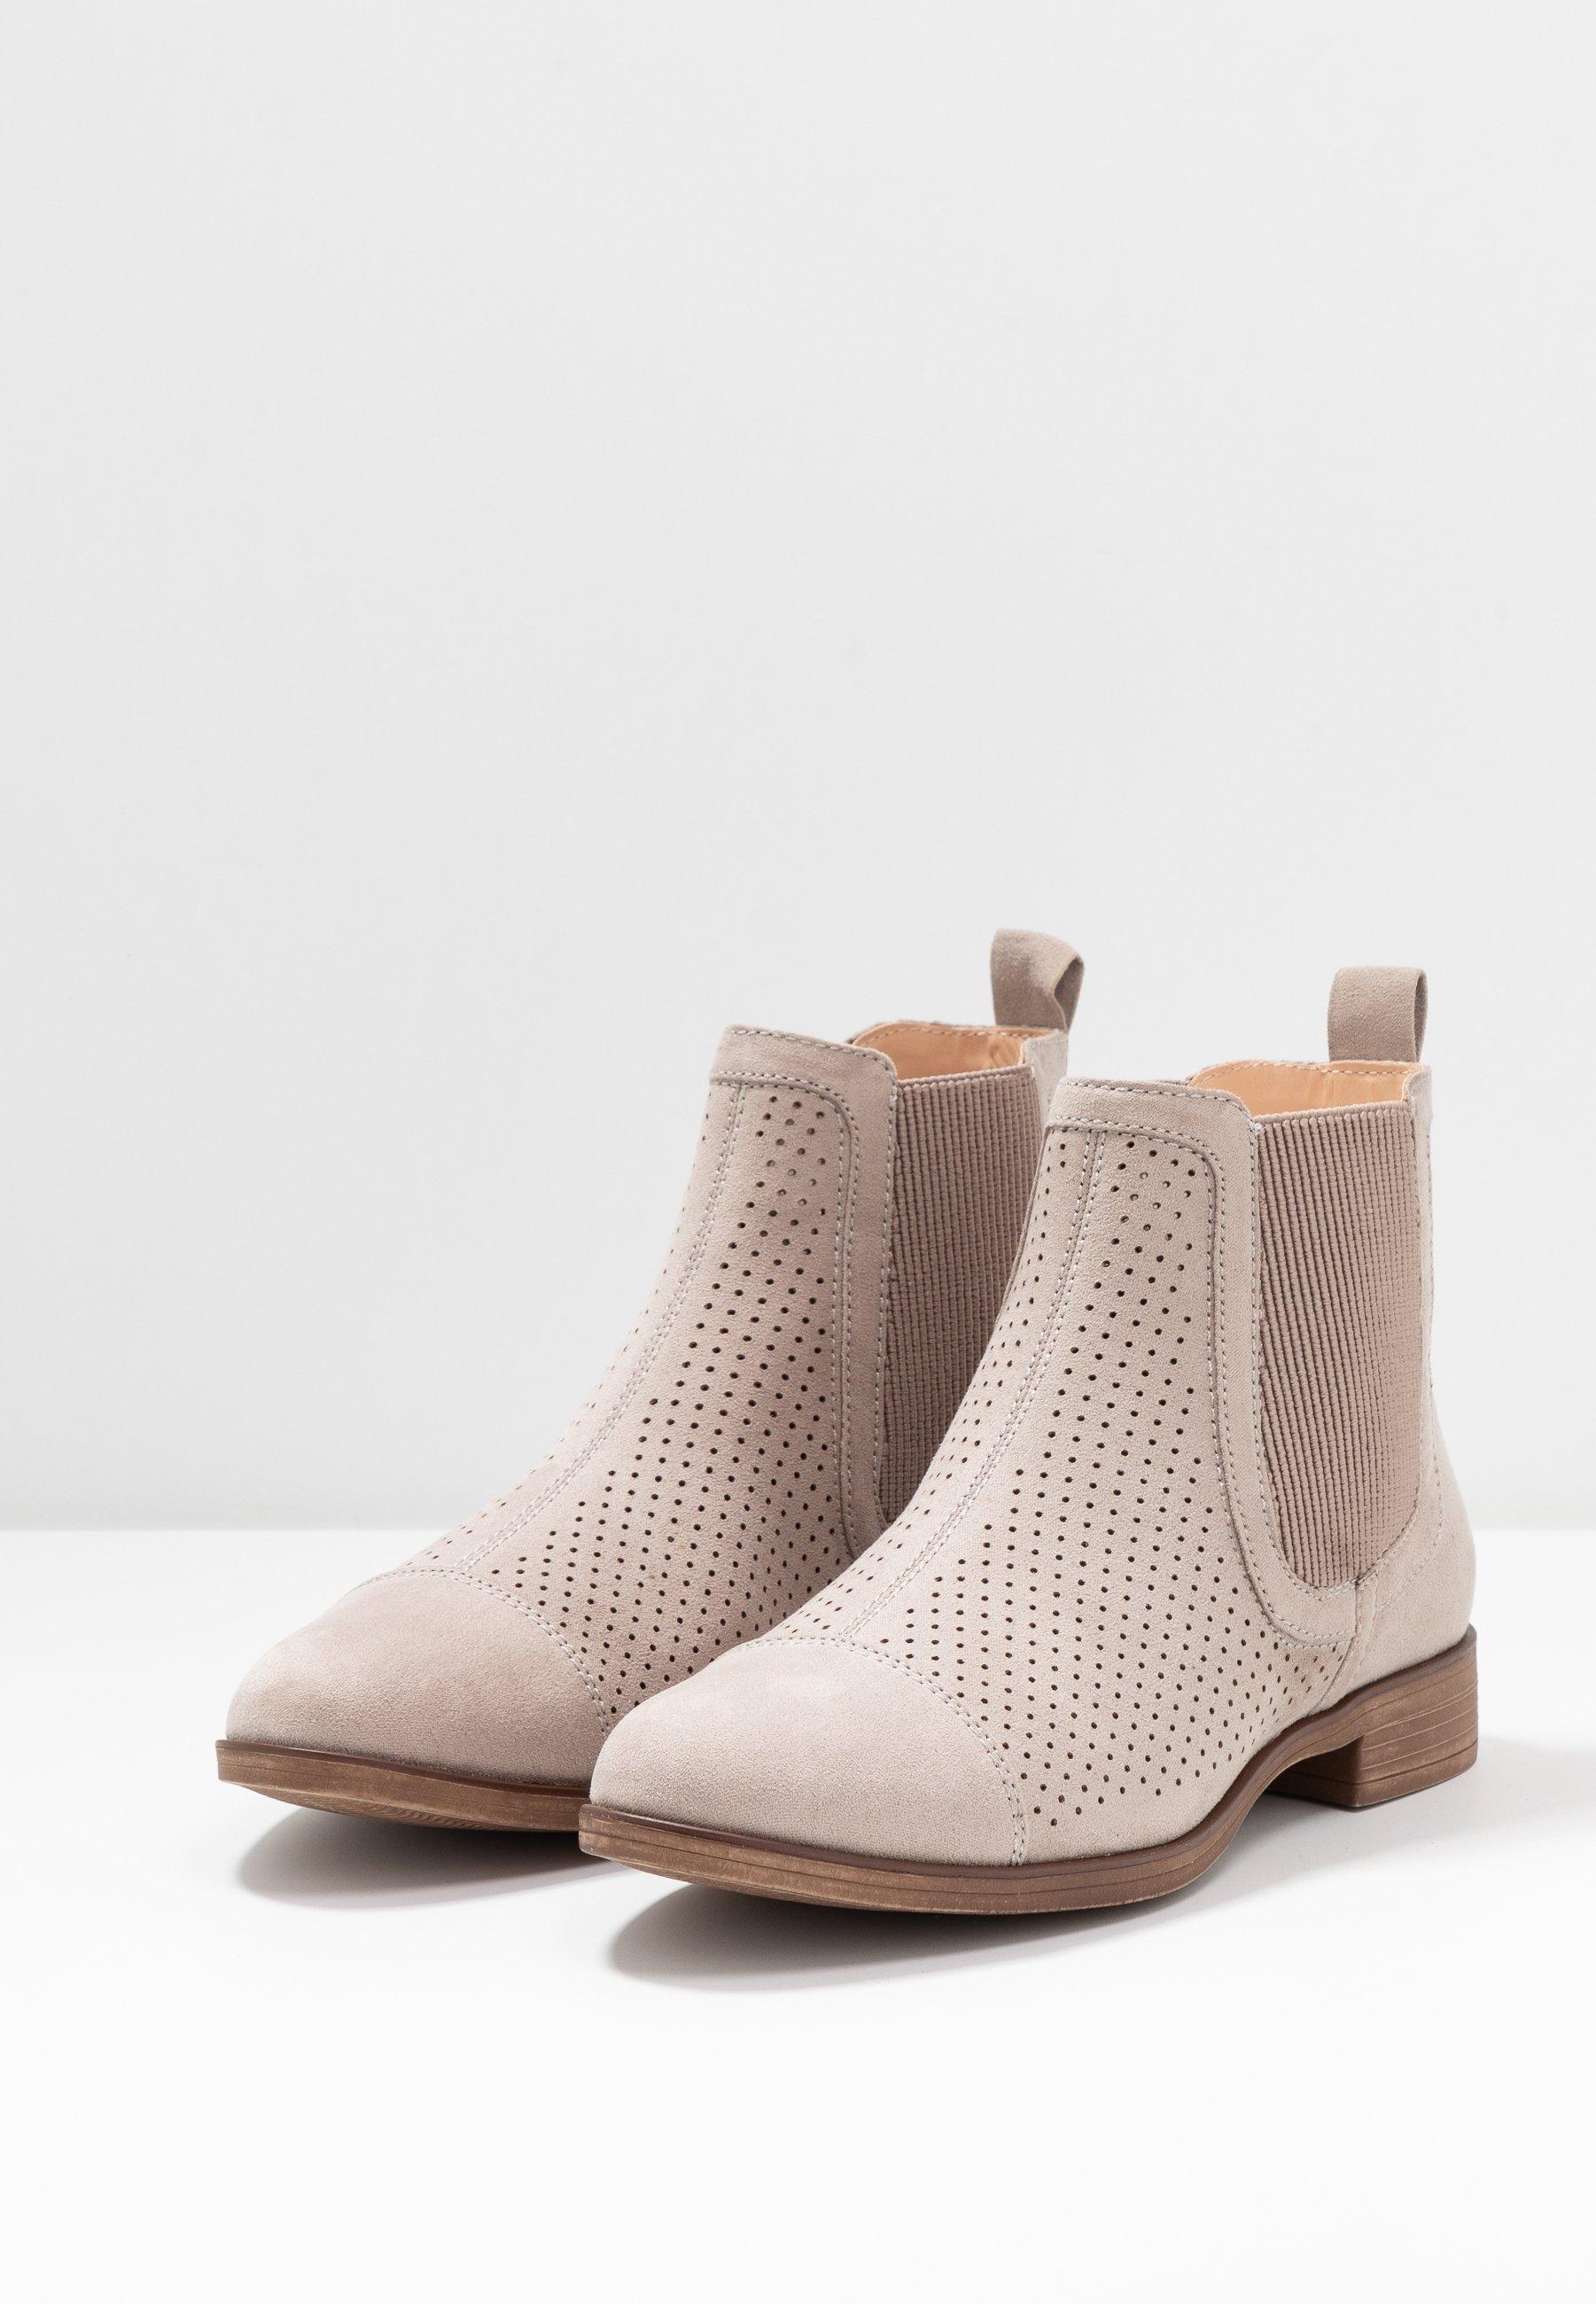 Anna Field Nilkkurit - light grey - Naisten kengät NKN4p